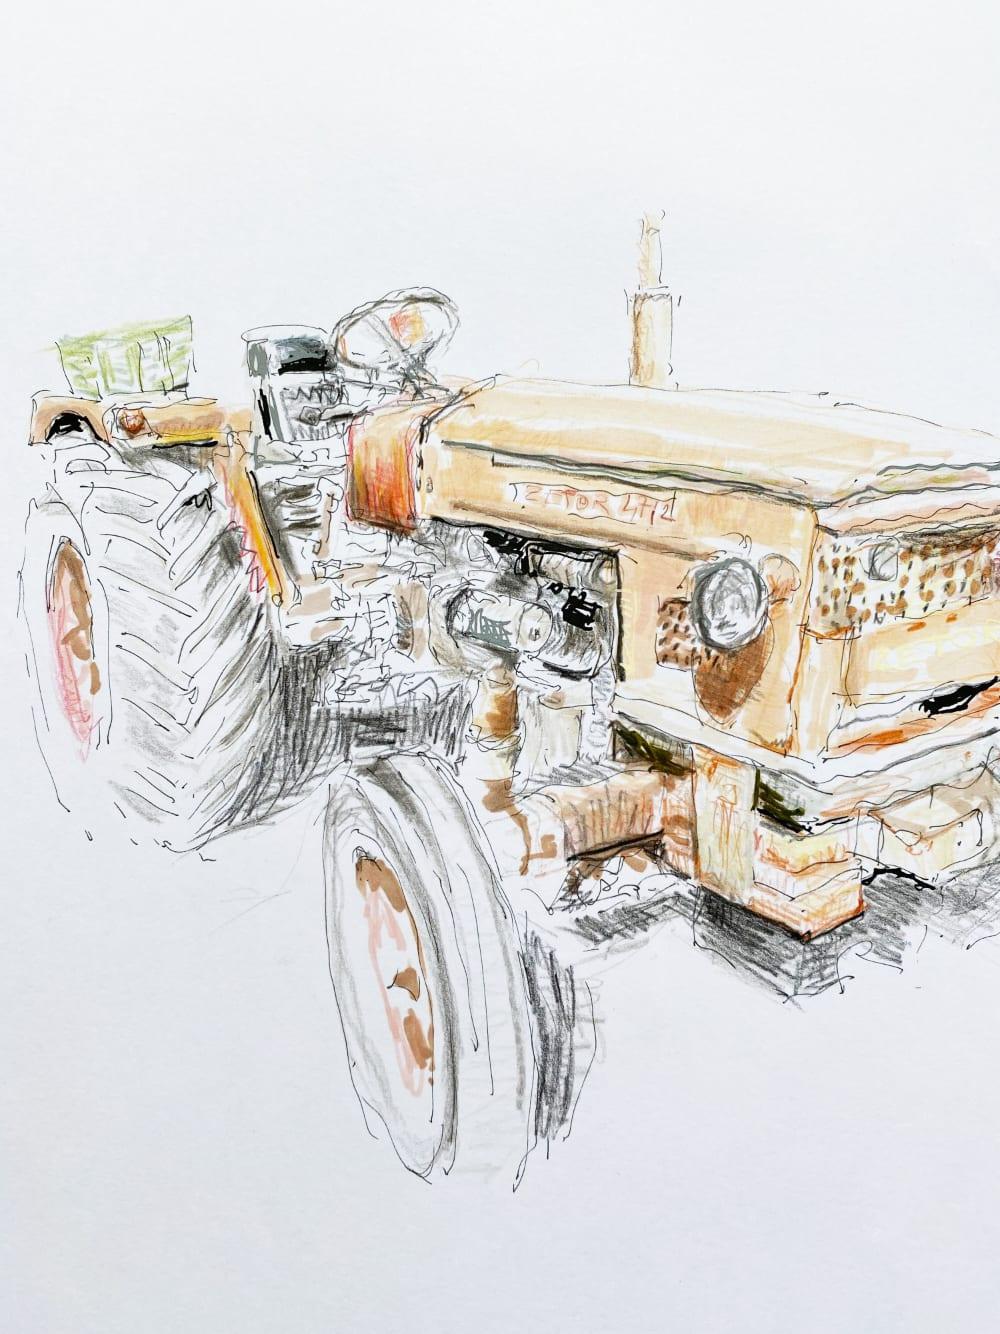 Le tracteur orange - cap Ferret  - Karin Boinet